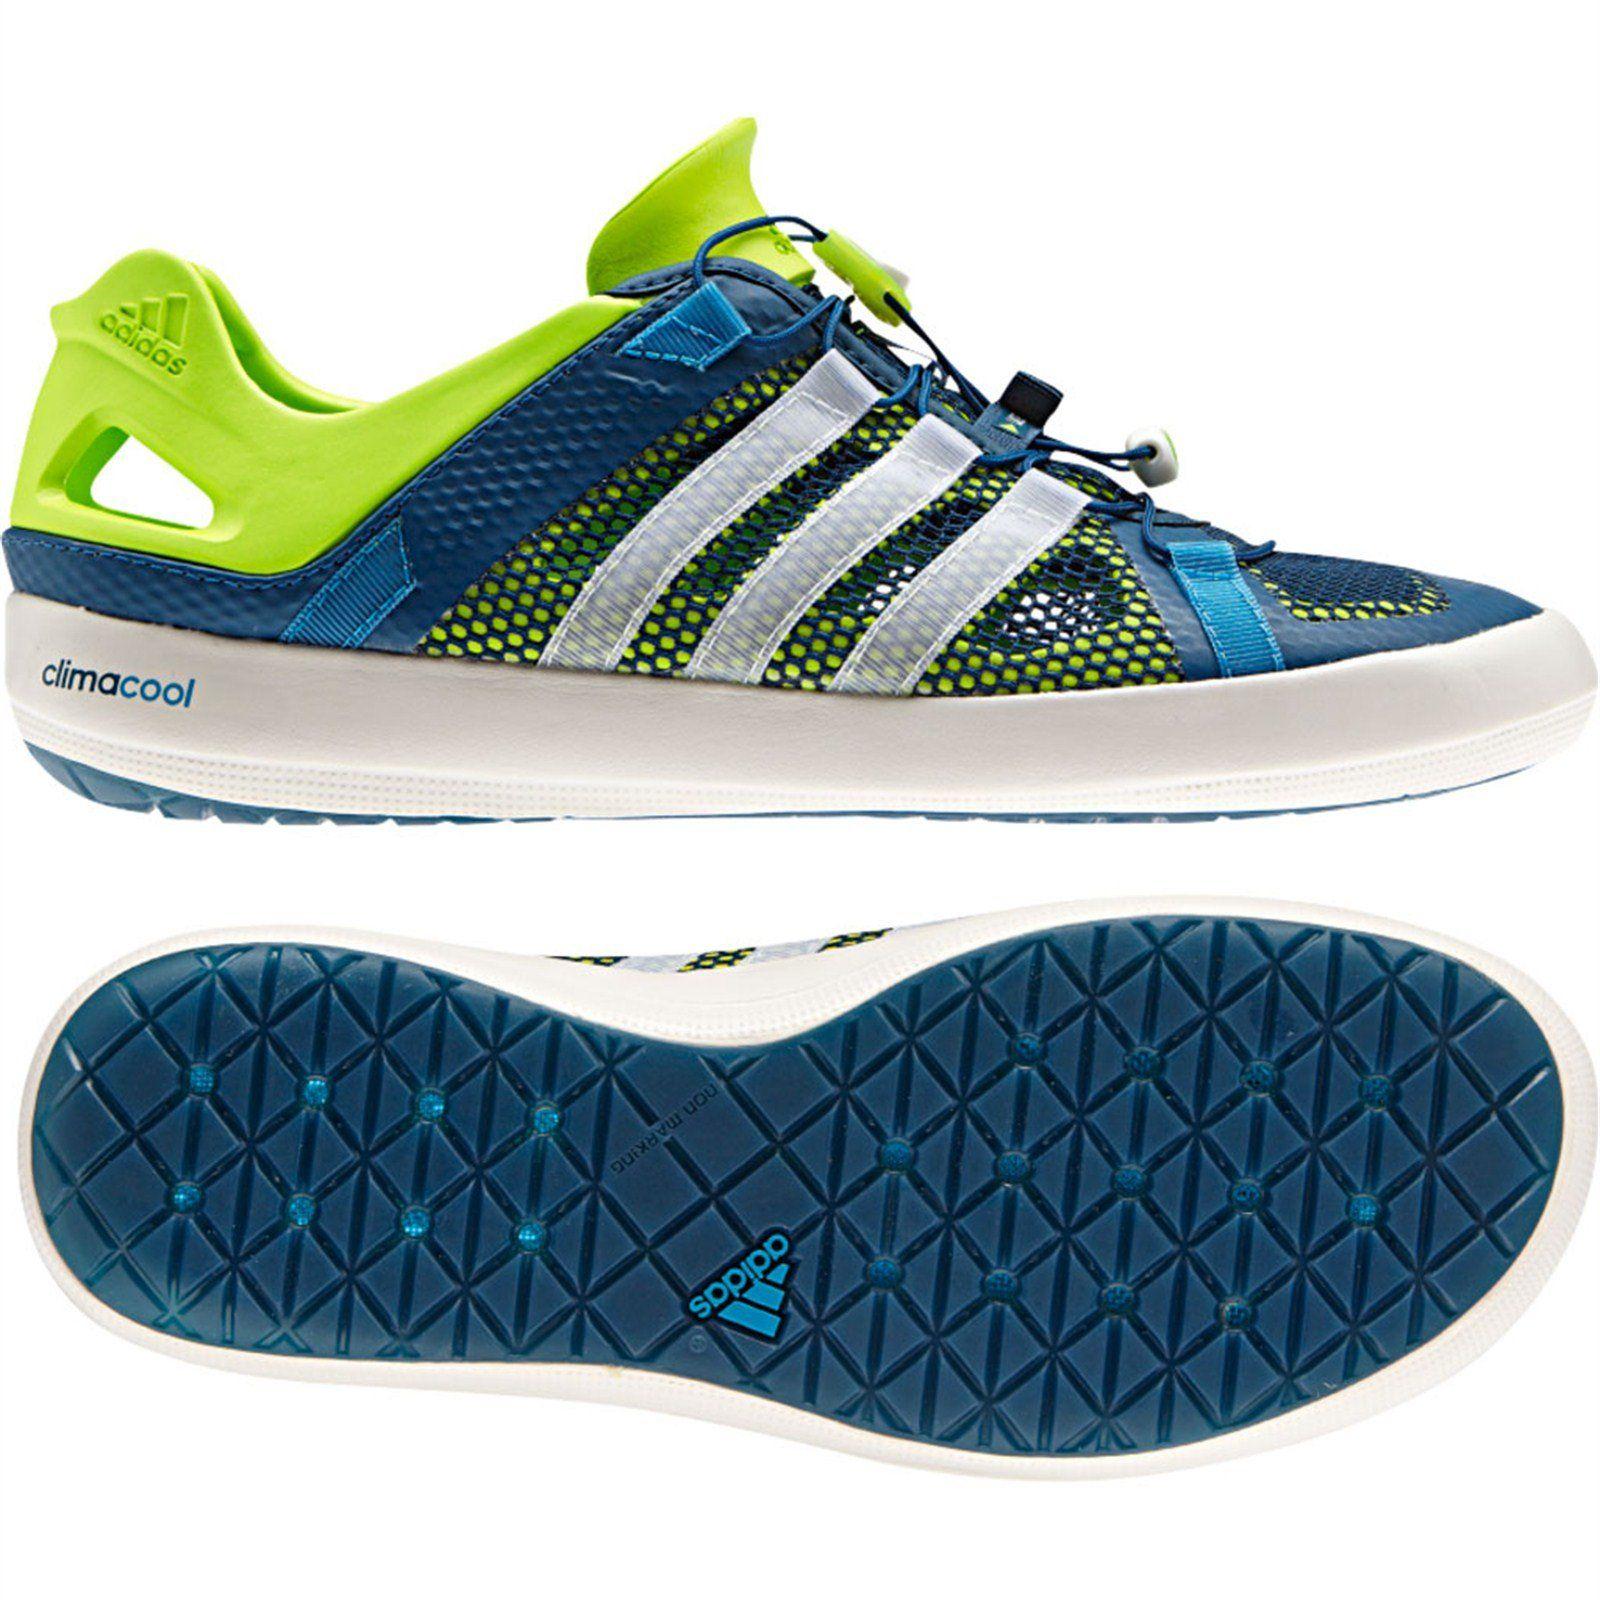 : Adidas Climacool Boat Breeze Shoe Men's: Shoes